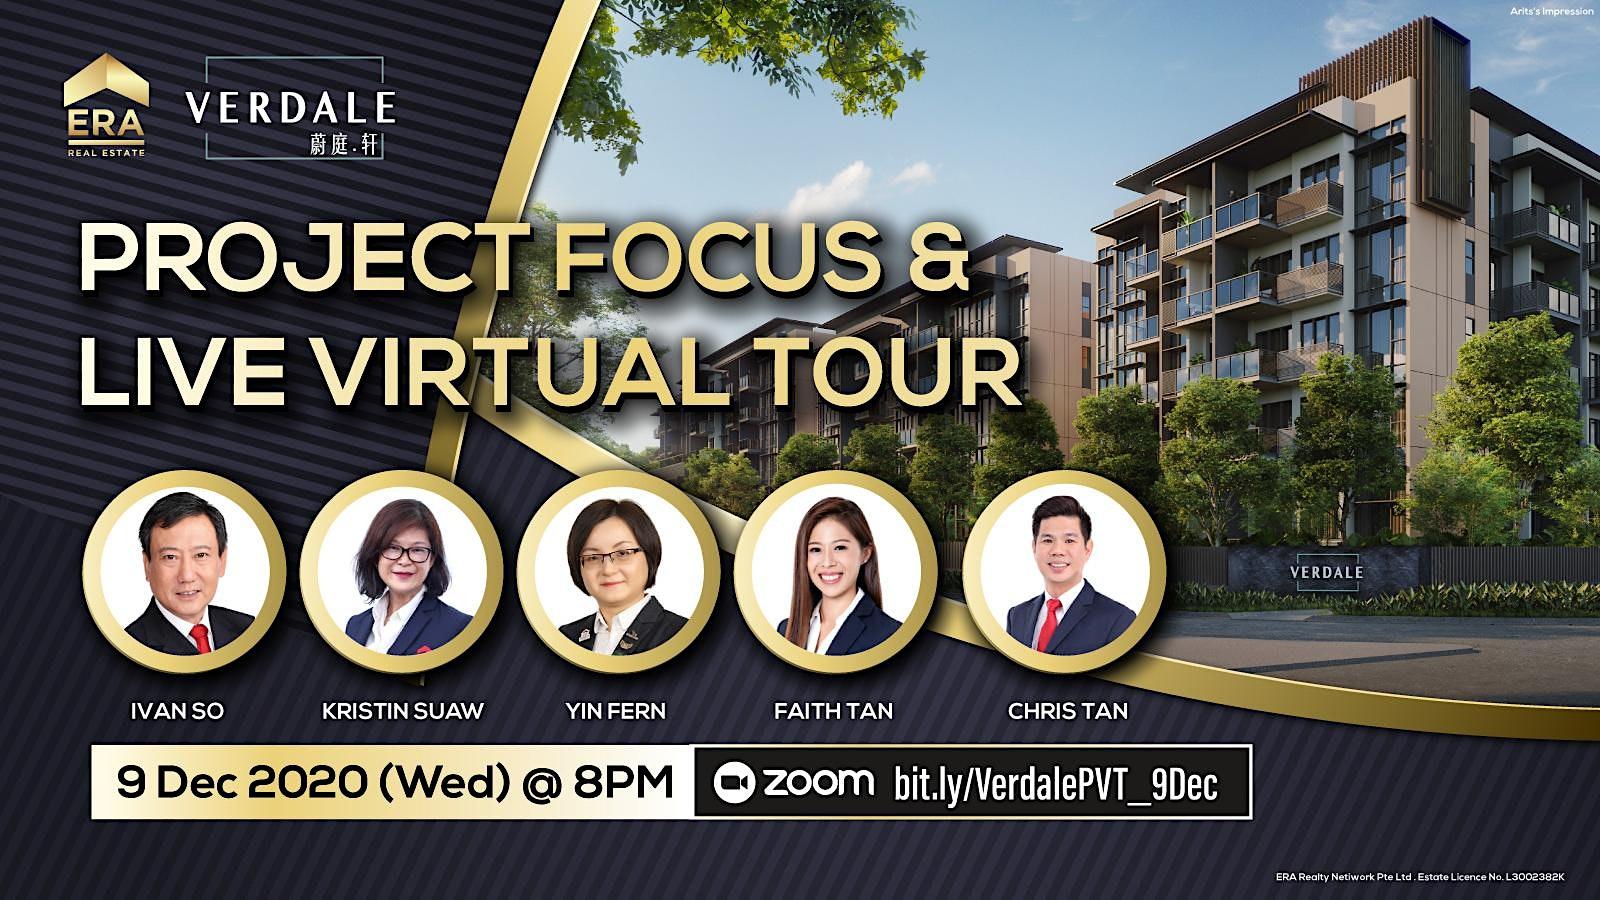 Verdale: Project Focus & Live Virtual Tour